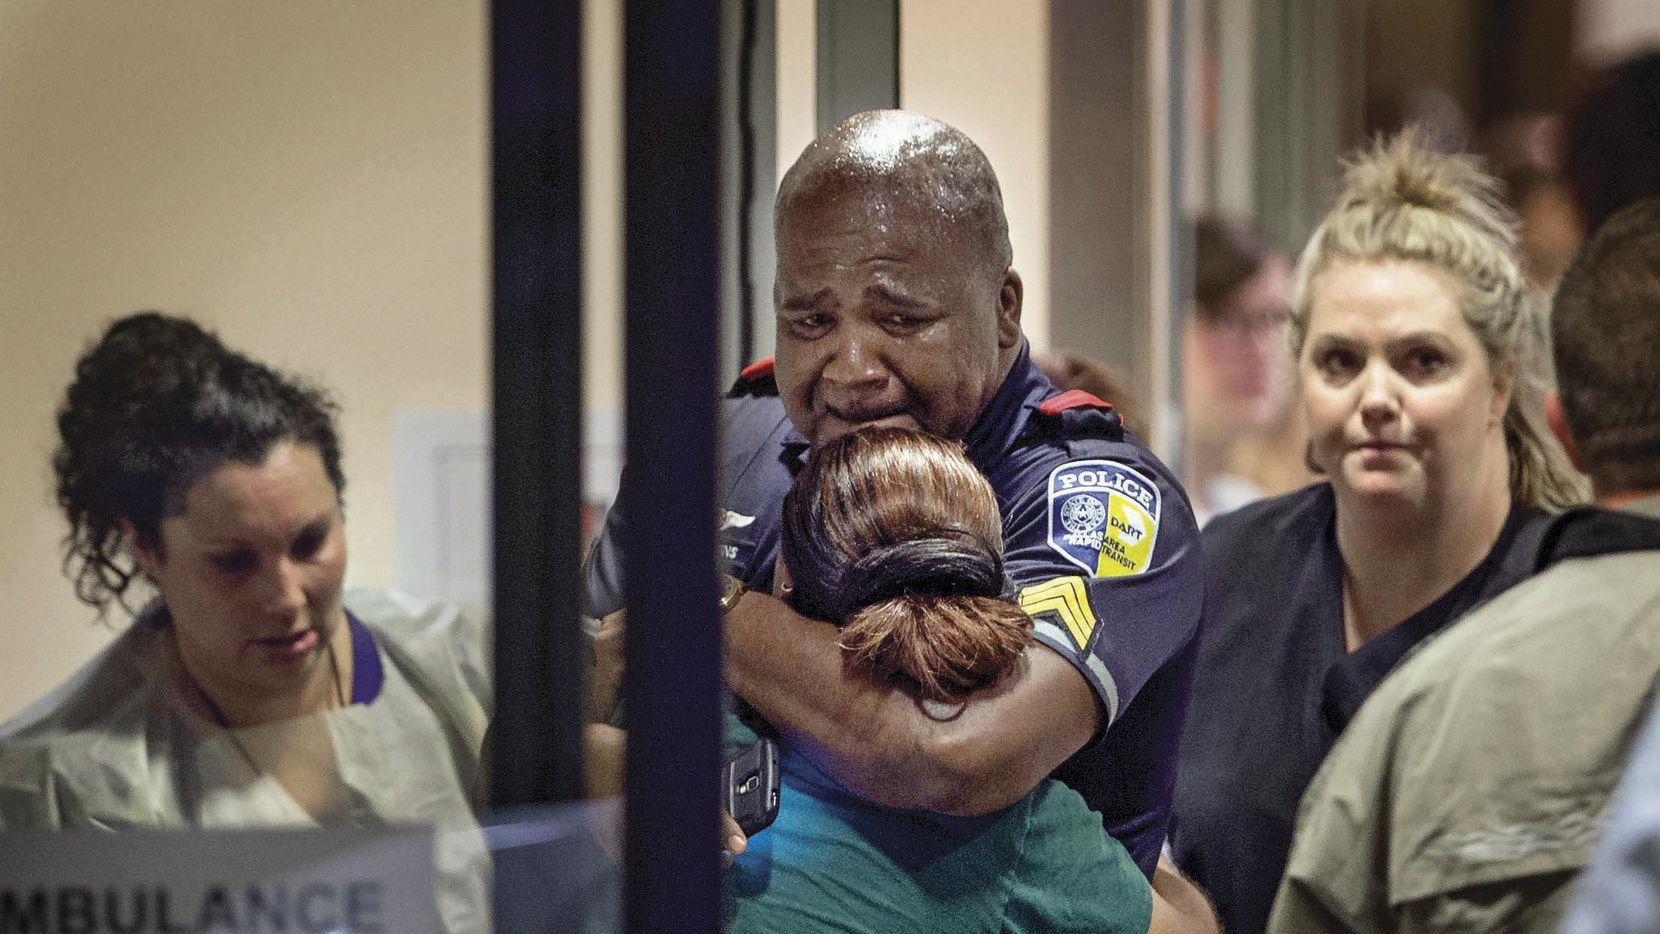 La foto histórica del 7 de julio, el sargento Homer Hutchins abraza a su compañera, la ofiial Shamika Sorrells. A la izq. Juanita Tarango, trabajadora social en Baylor, y Sherry Sutton (der.), jefa de enfermeras en la sala de emergencias.